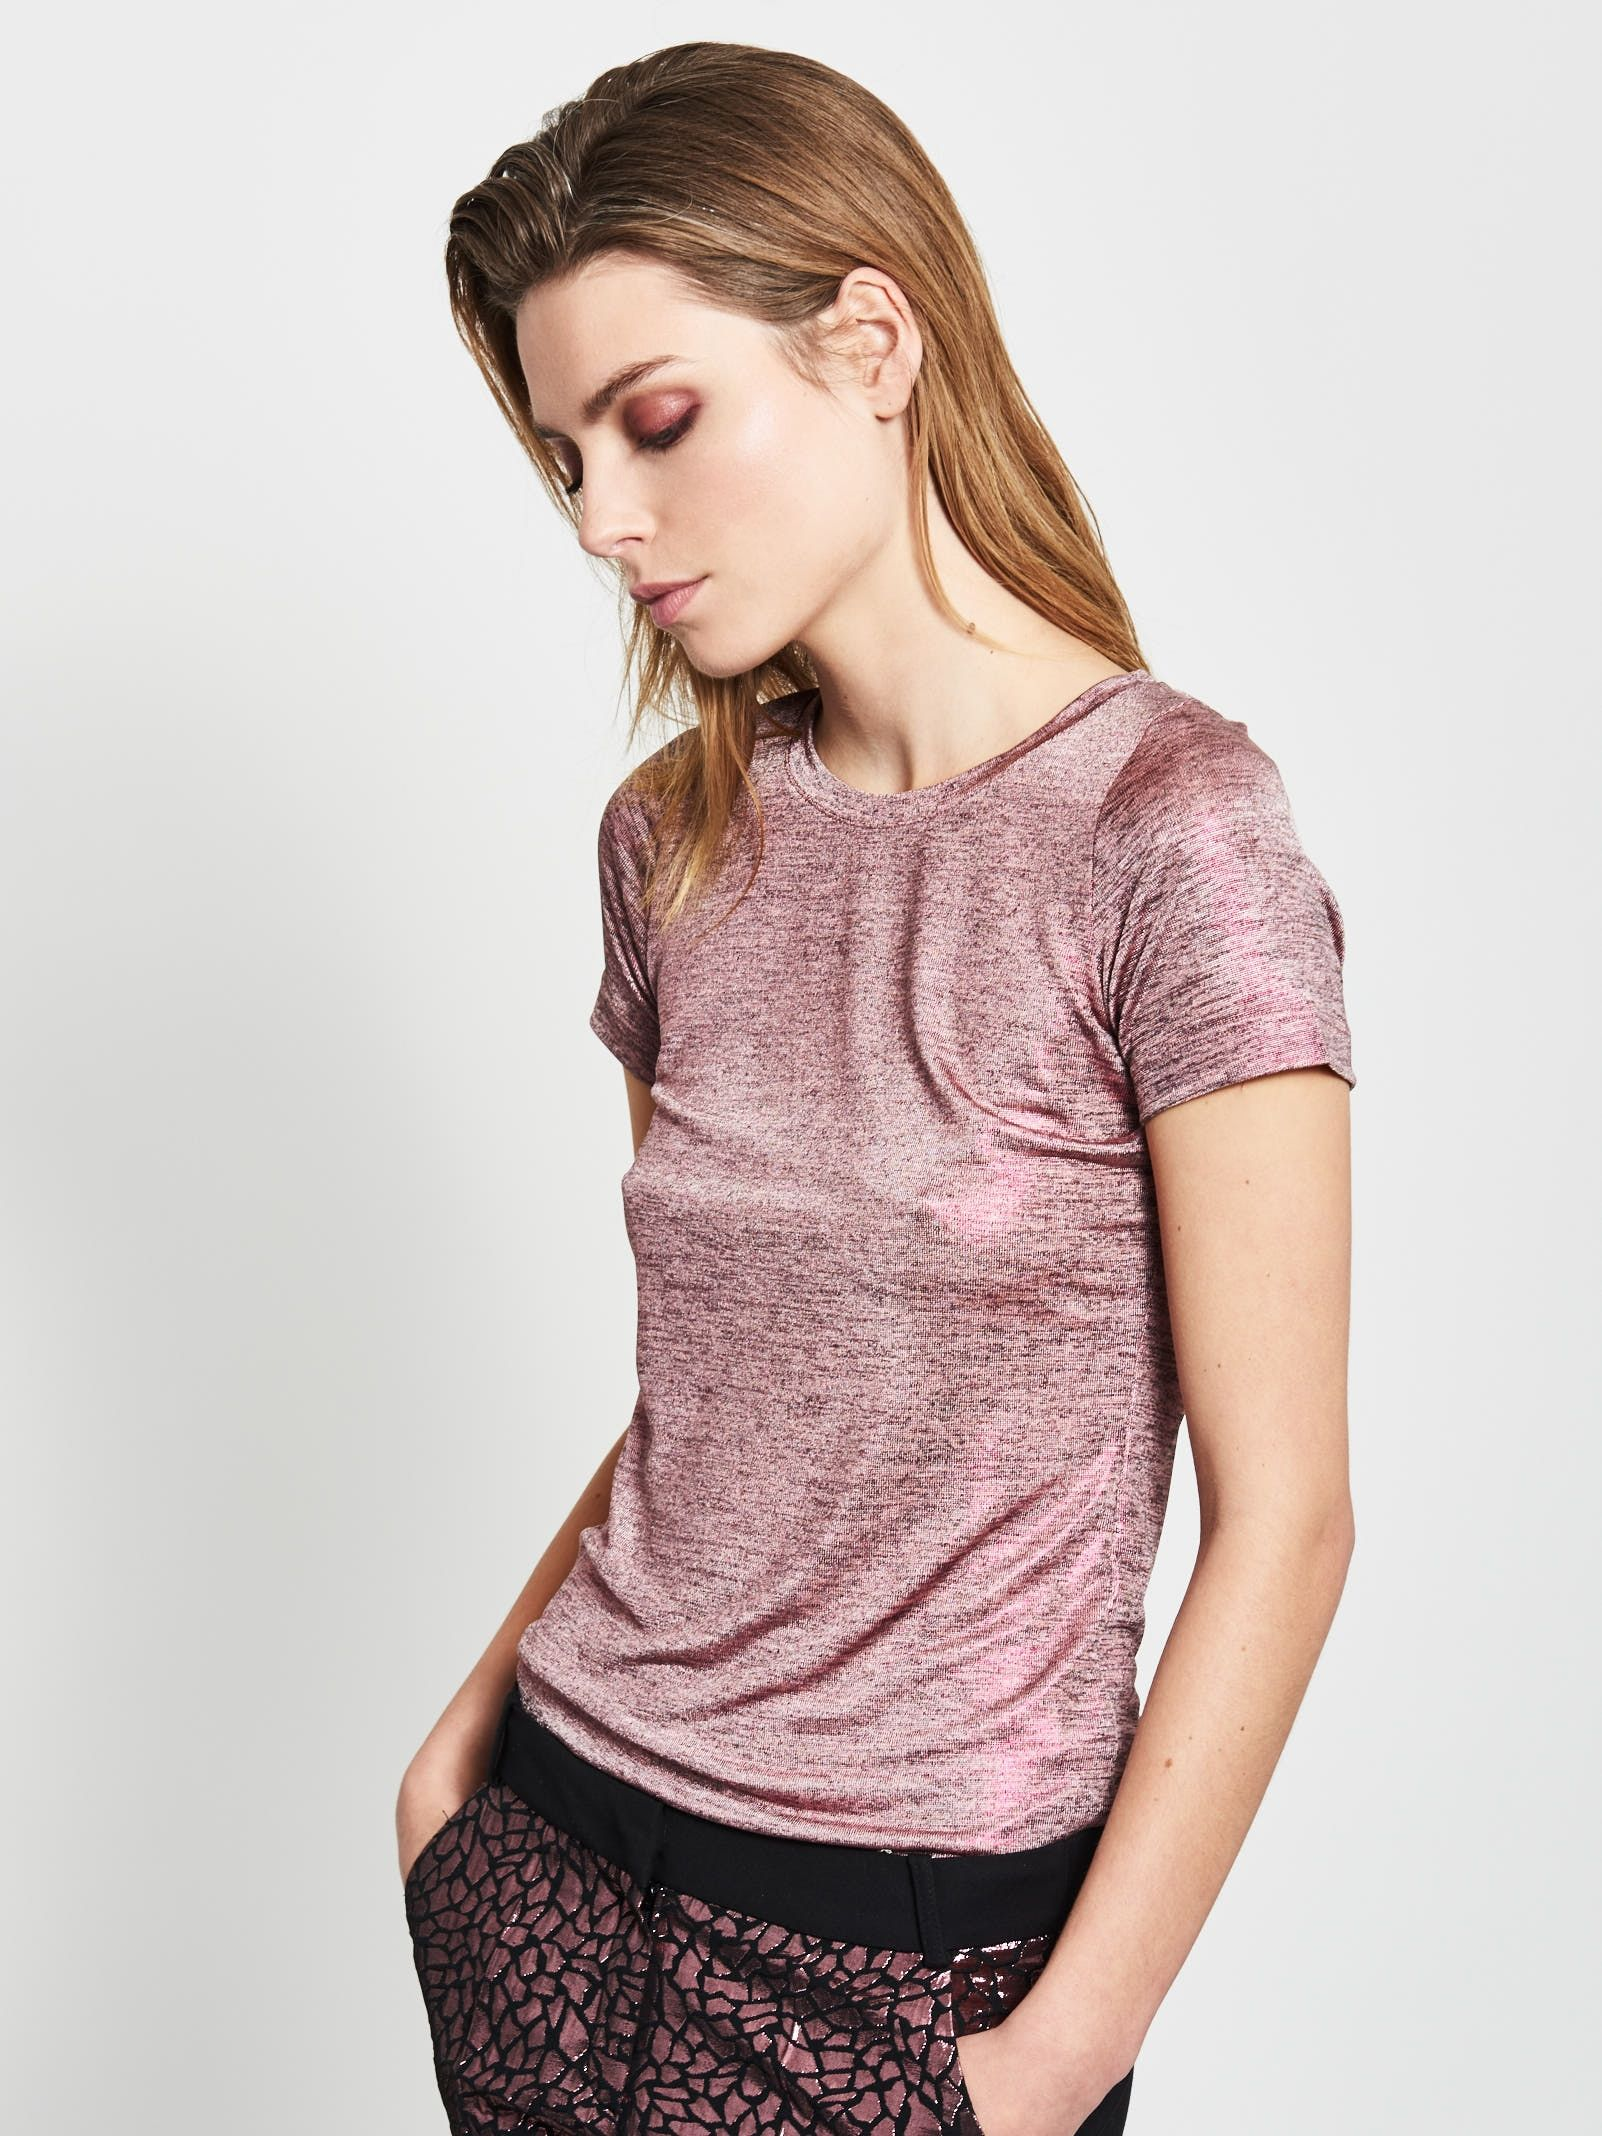 Bluzka w kolorze różowy melanż.  Materiał połyskujący, dekolt okrągły, rękaw krótki, prosta.